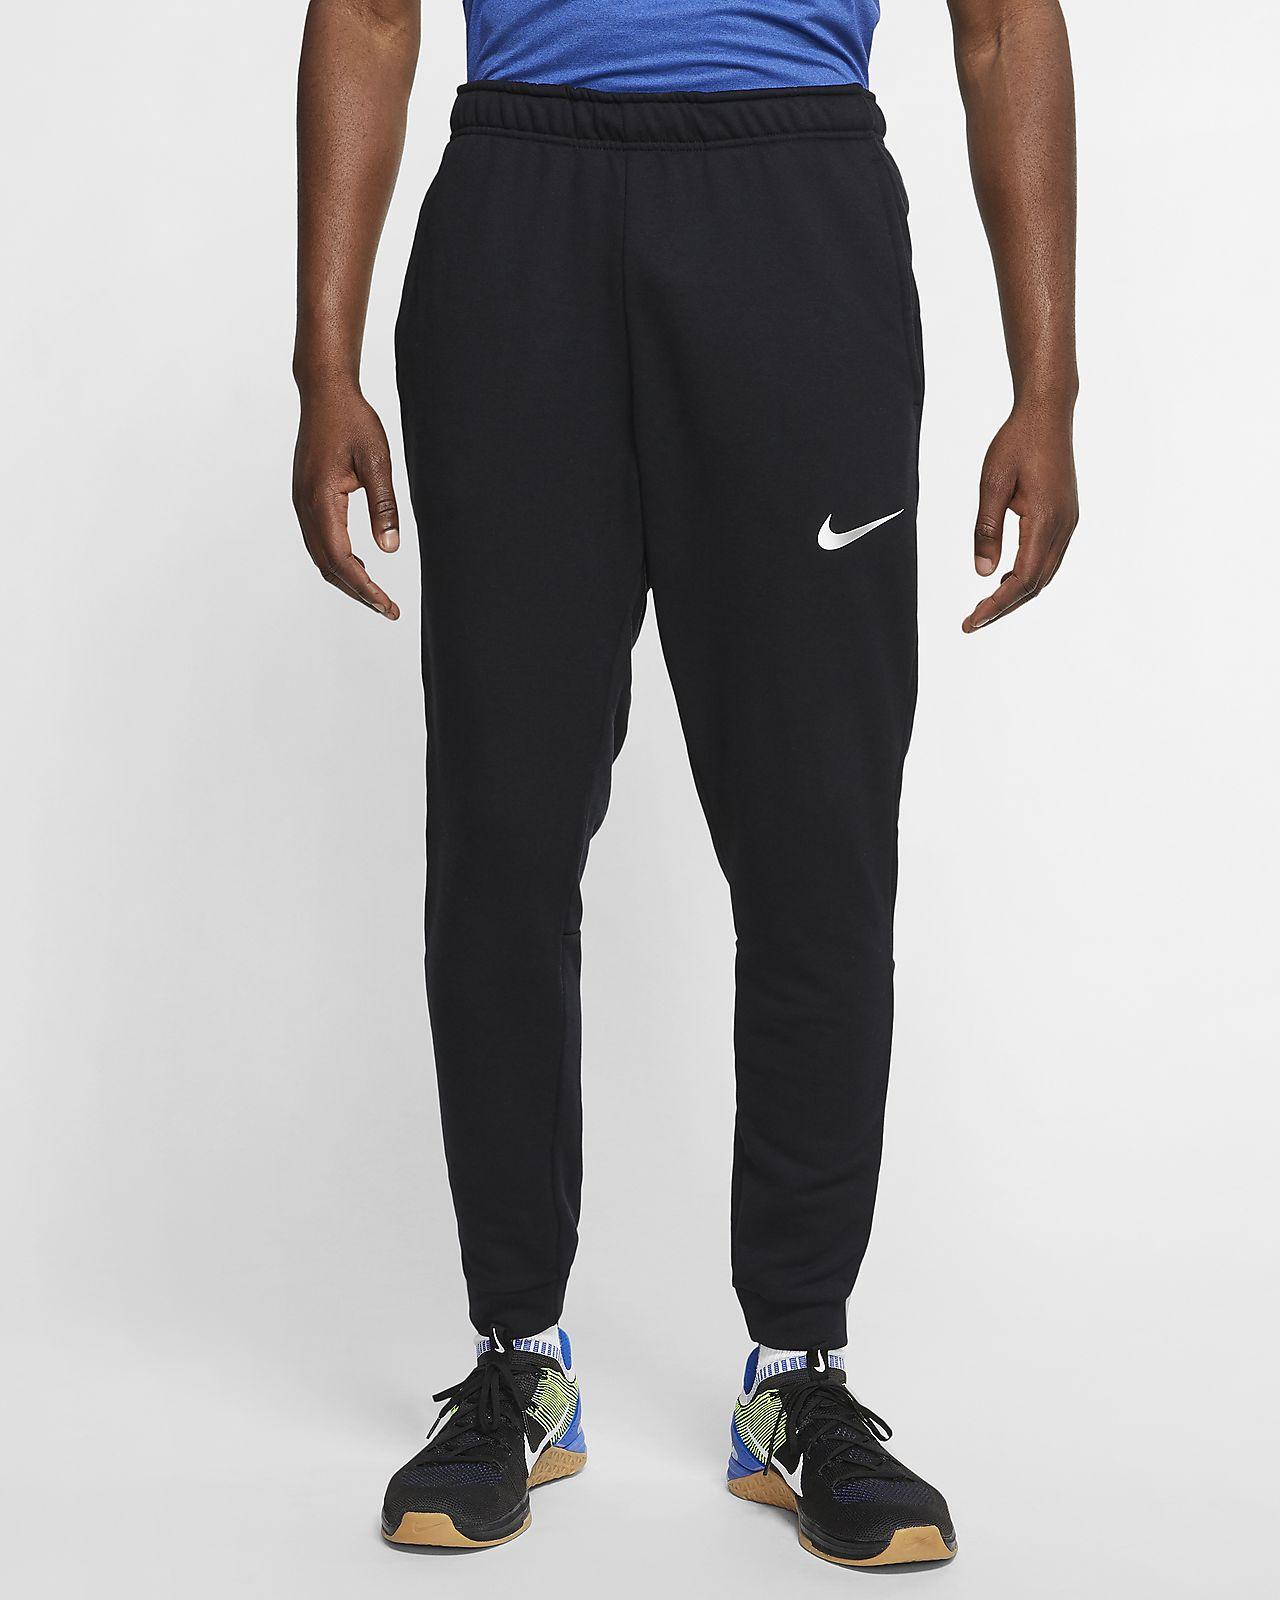 Träningsbyxor Nike Dri-FIT i fleece för män